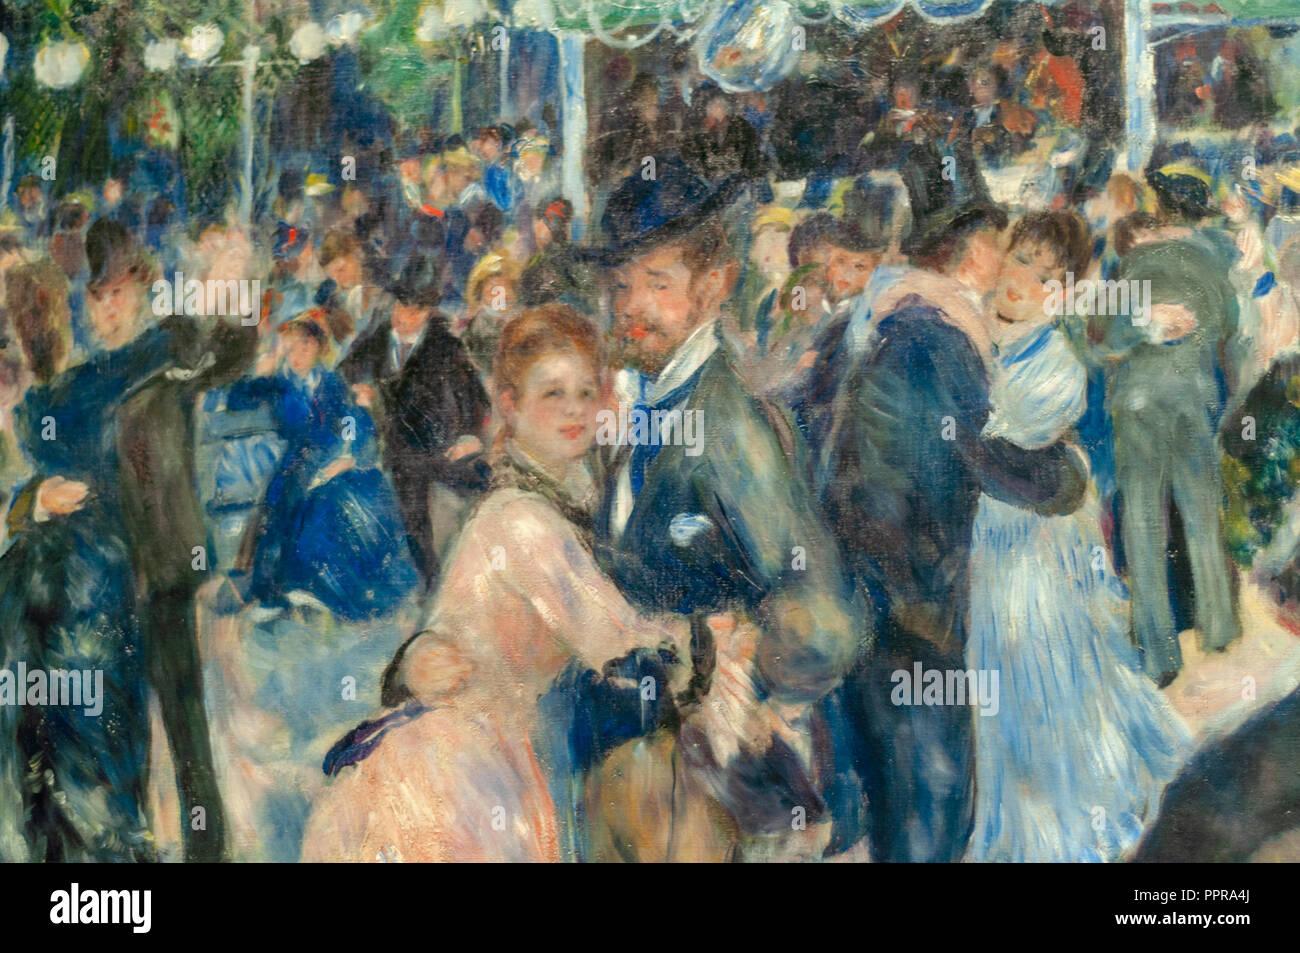 Pierre-Auguste Renoir - Bal du moulin de la Galette (DETAIL). 1876, Musée d'Orsay in Paris Stock Photo